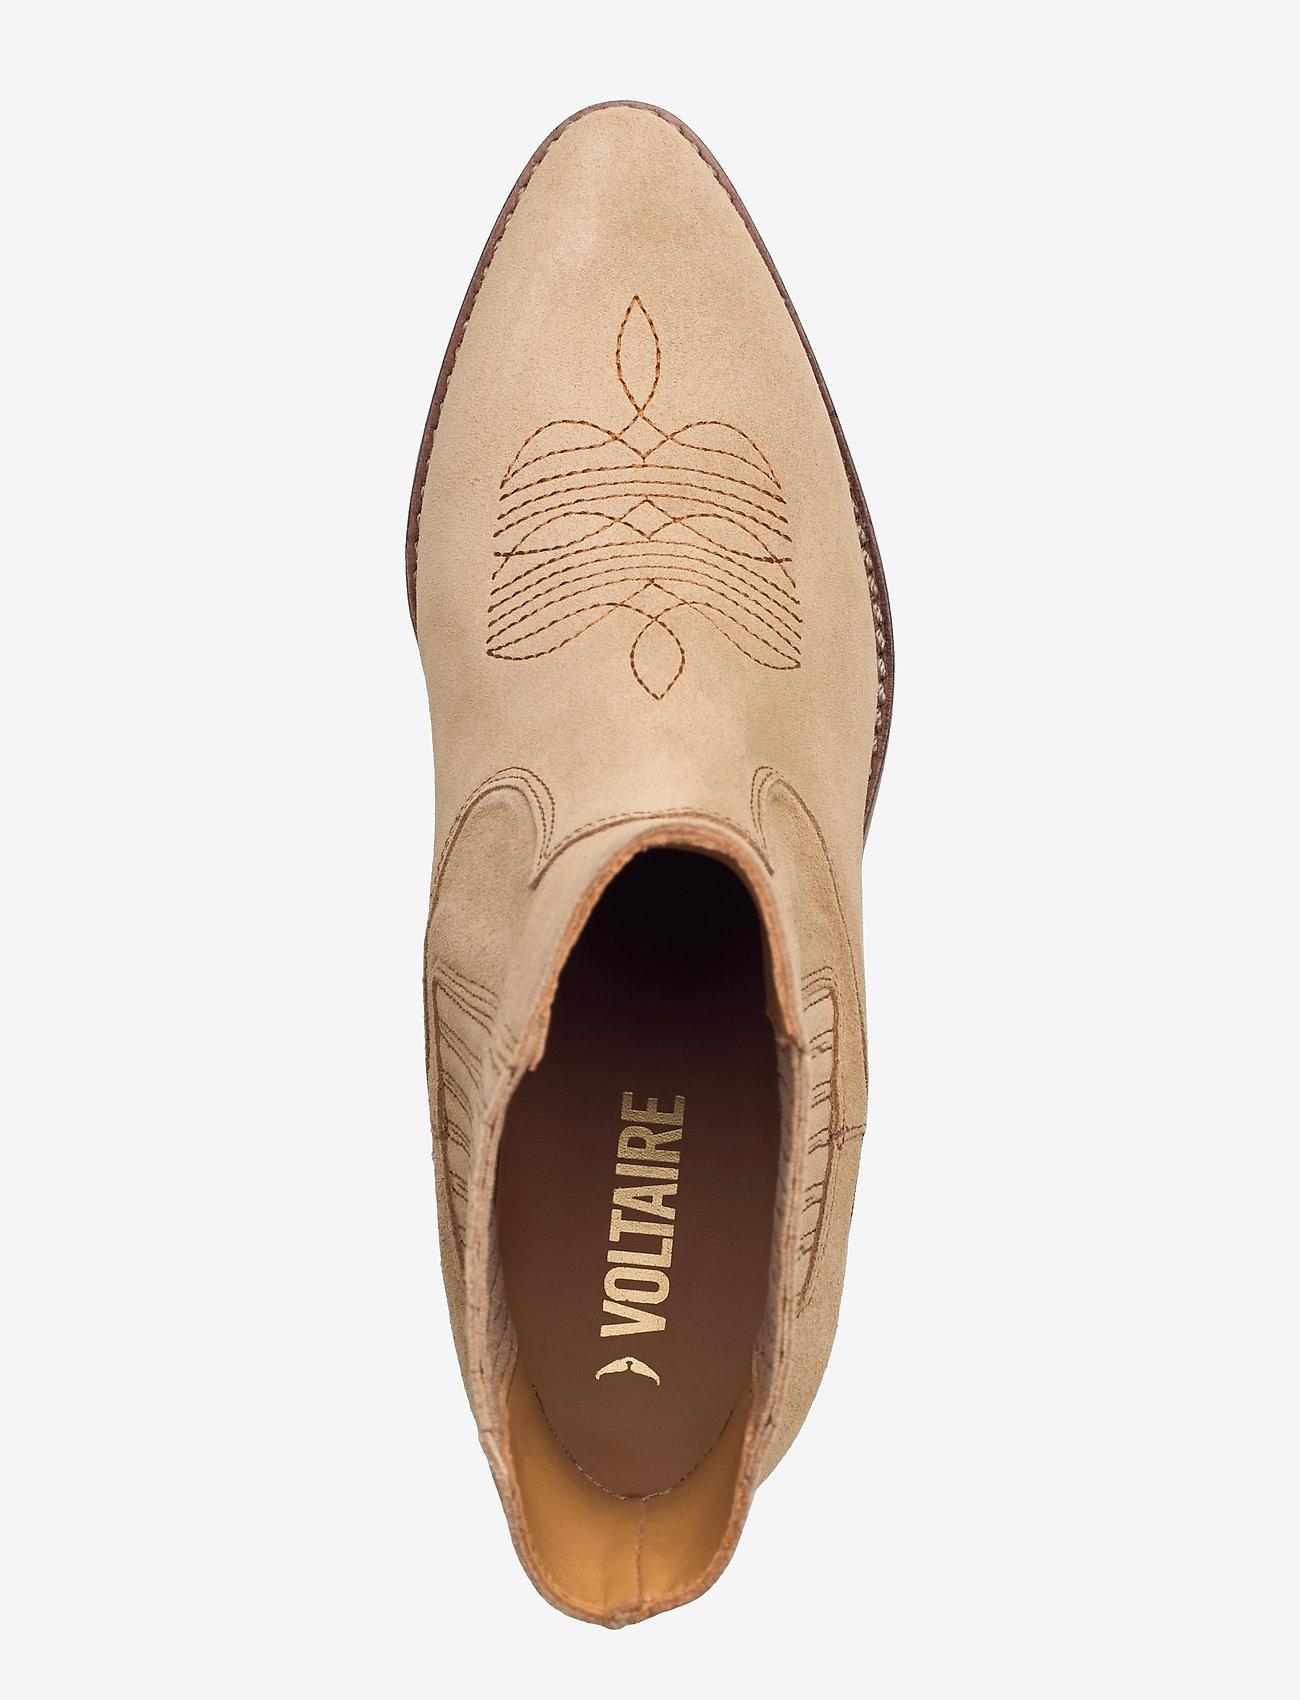 Zadig & Voltaire - TYLER SUEDE ELASTIC - ankelstøvler med hæl - down - 3